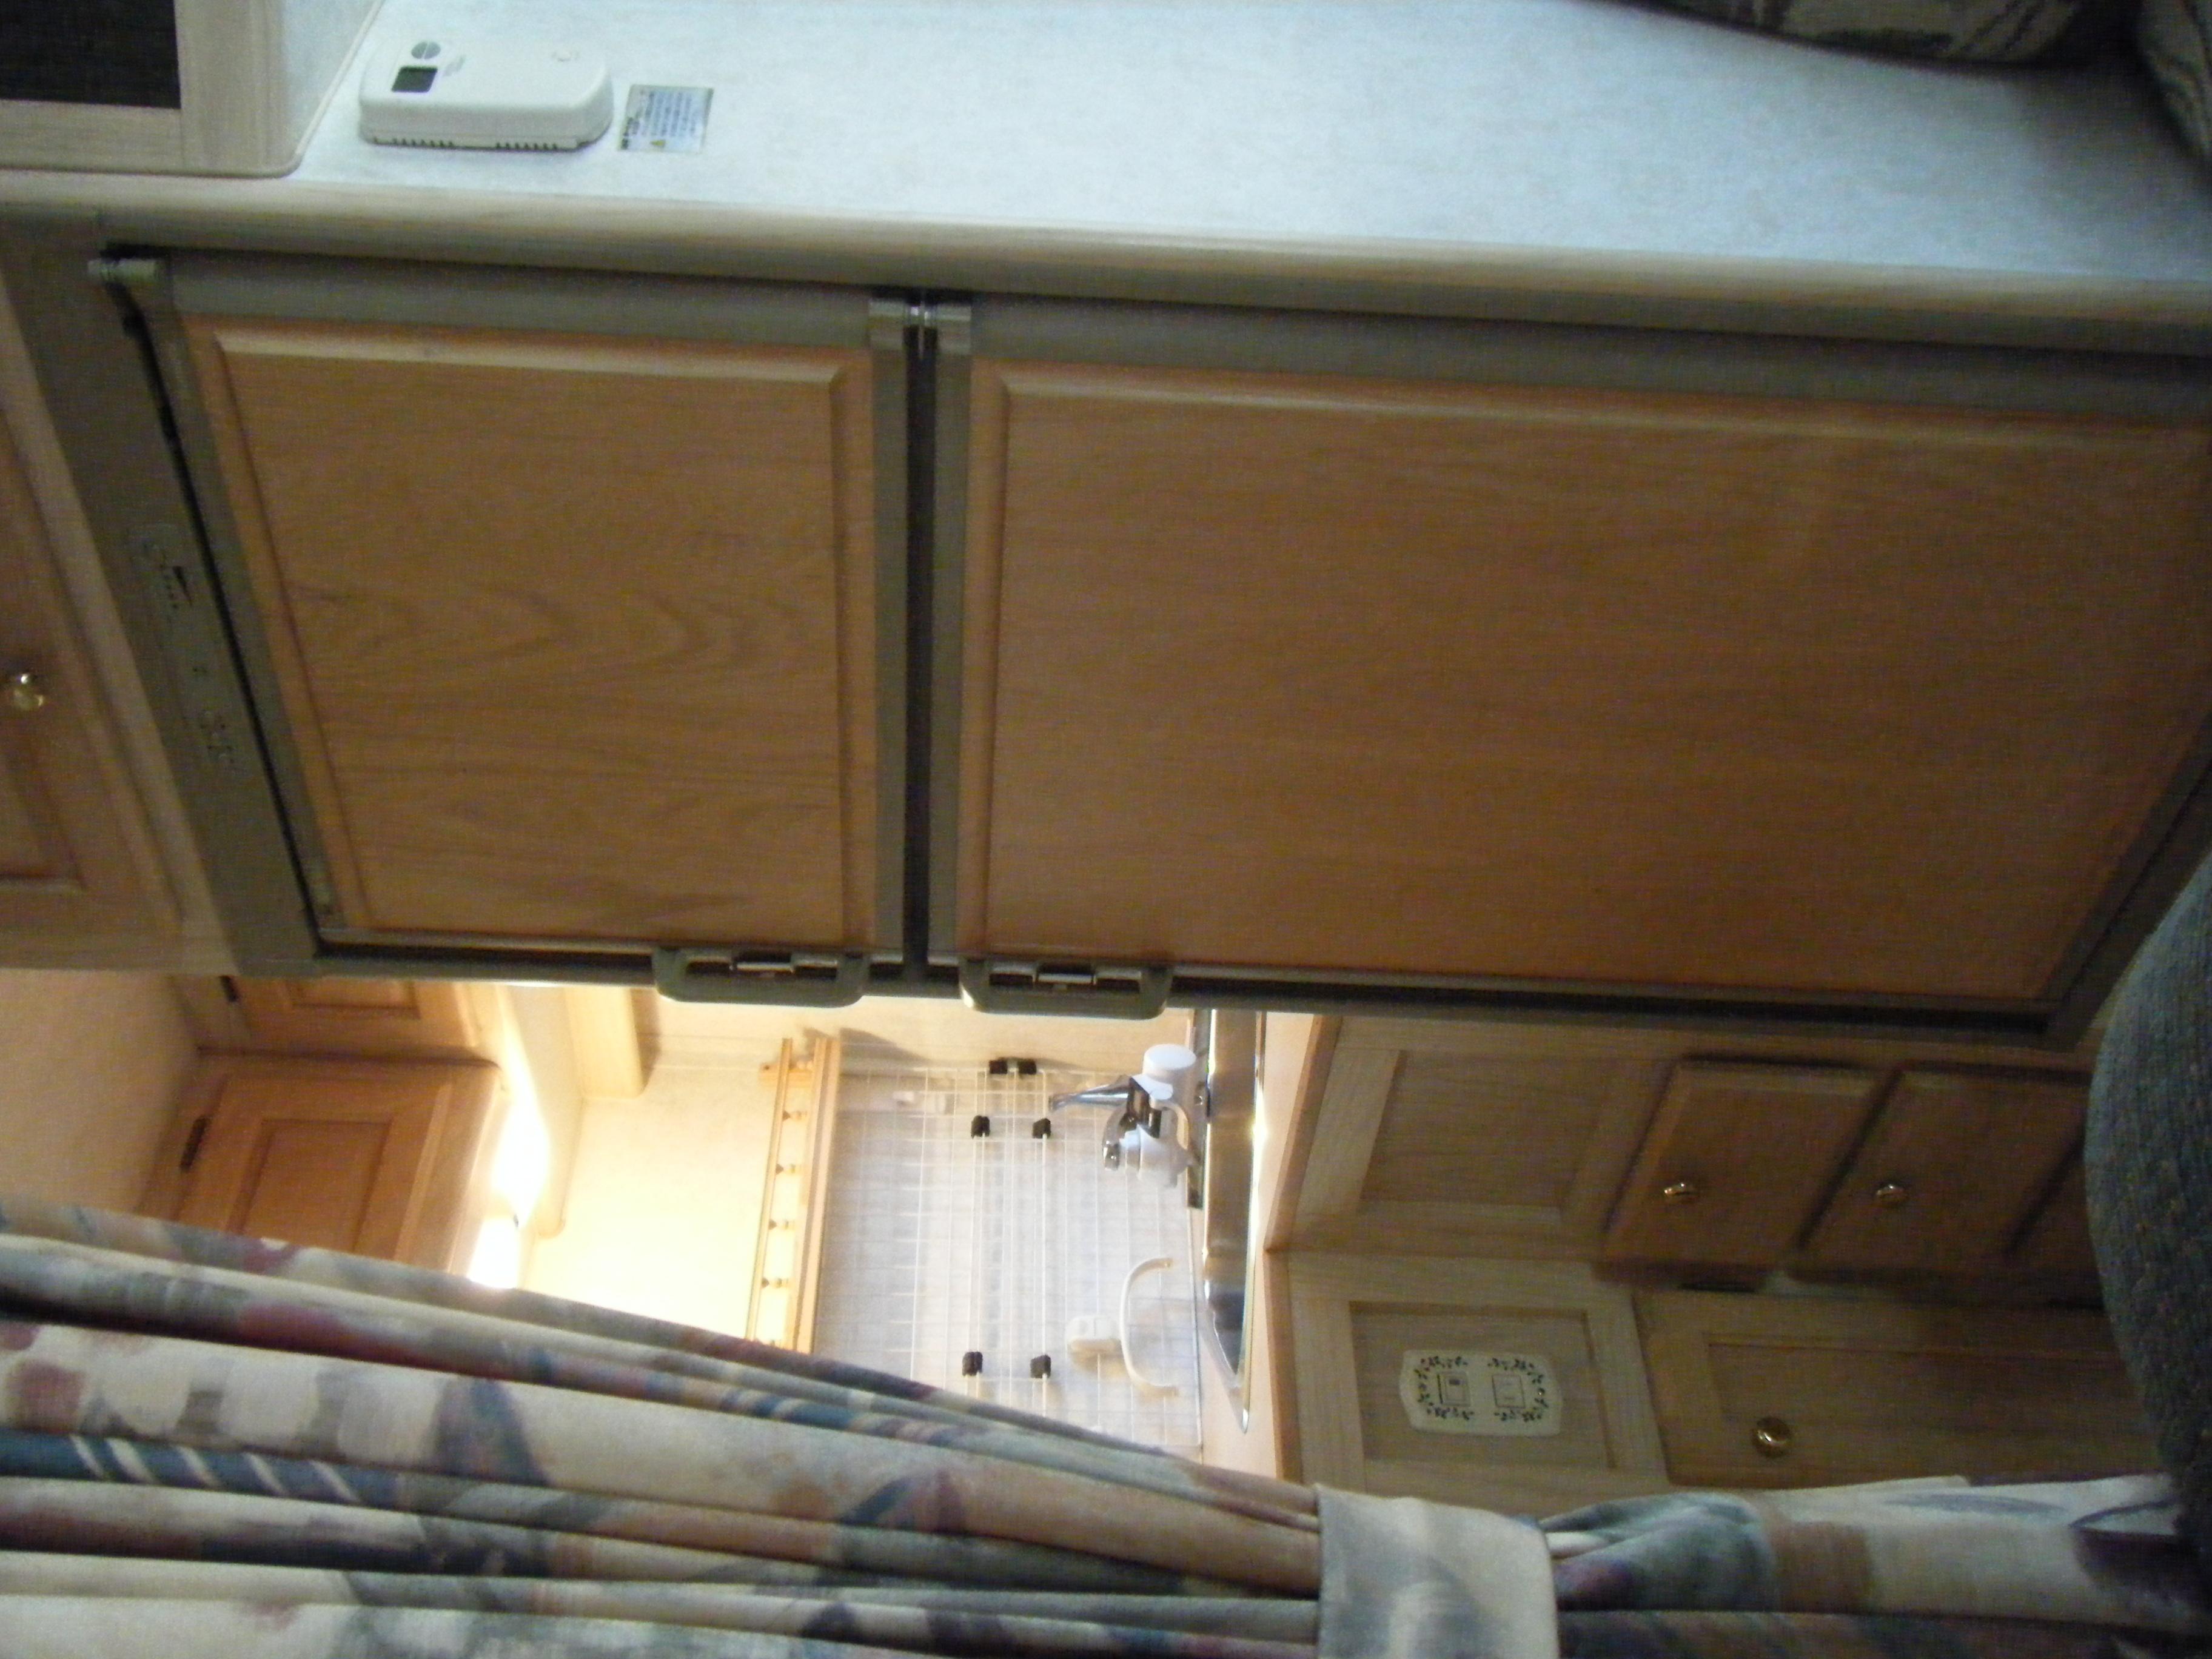 家庭とほぼ同じ大きさの冷蔵庫、冷凍庫